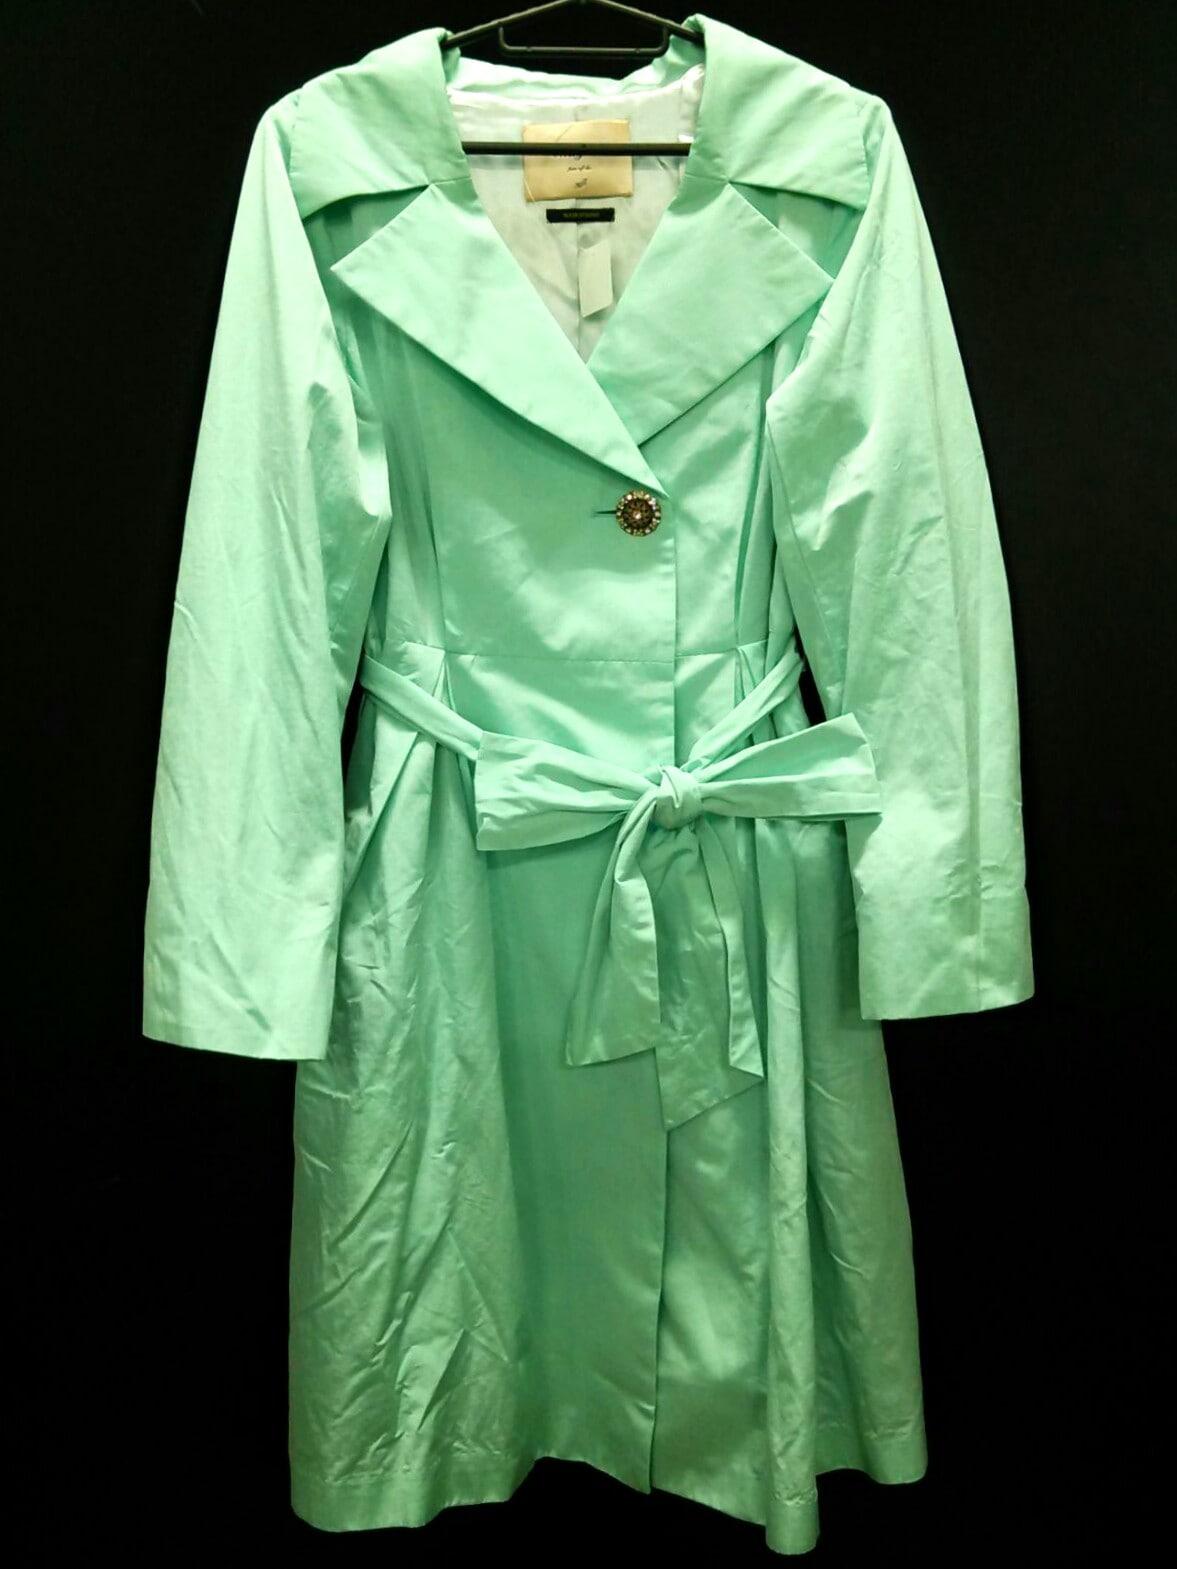 Maglieparef-de(マーリエ)のコート